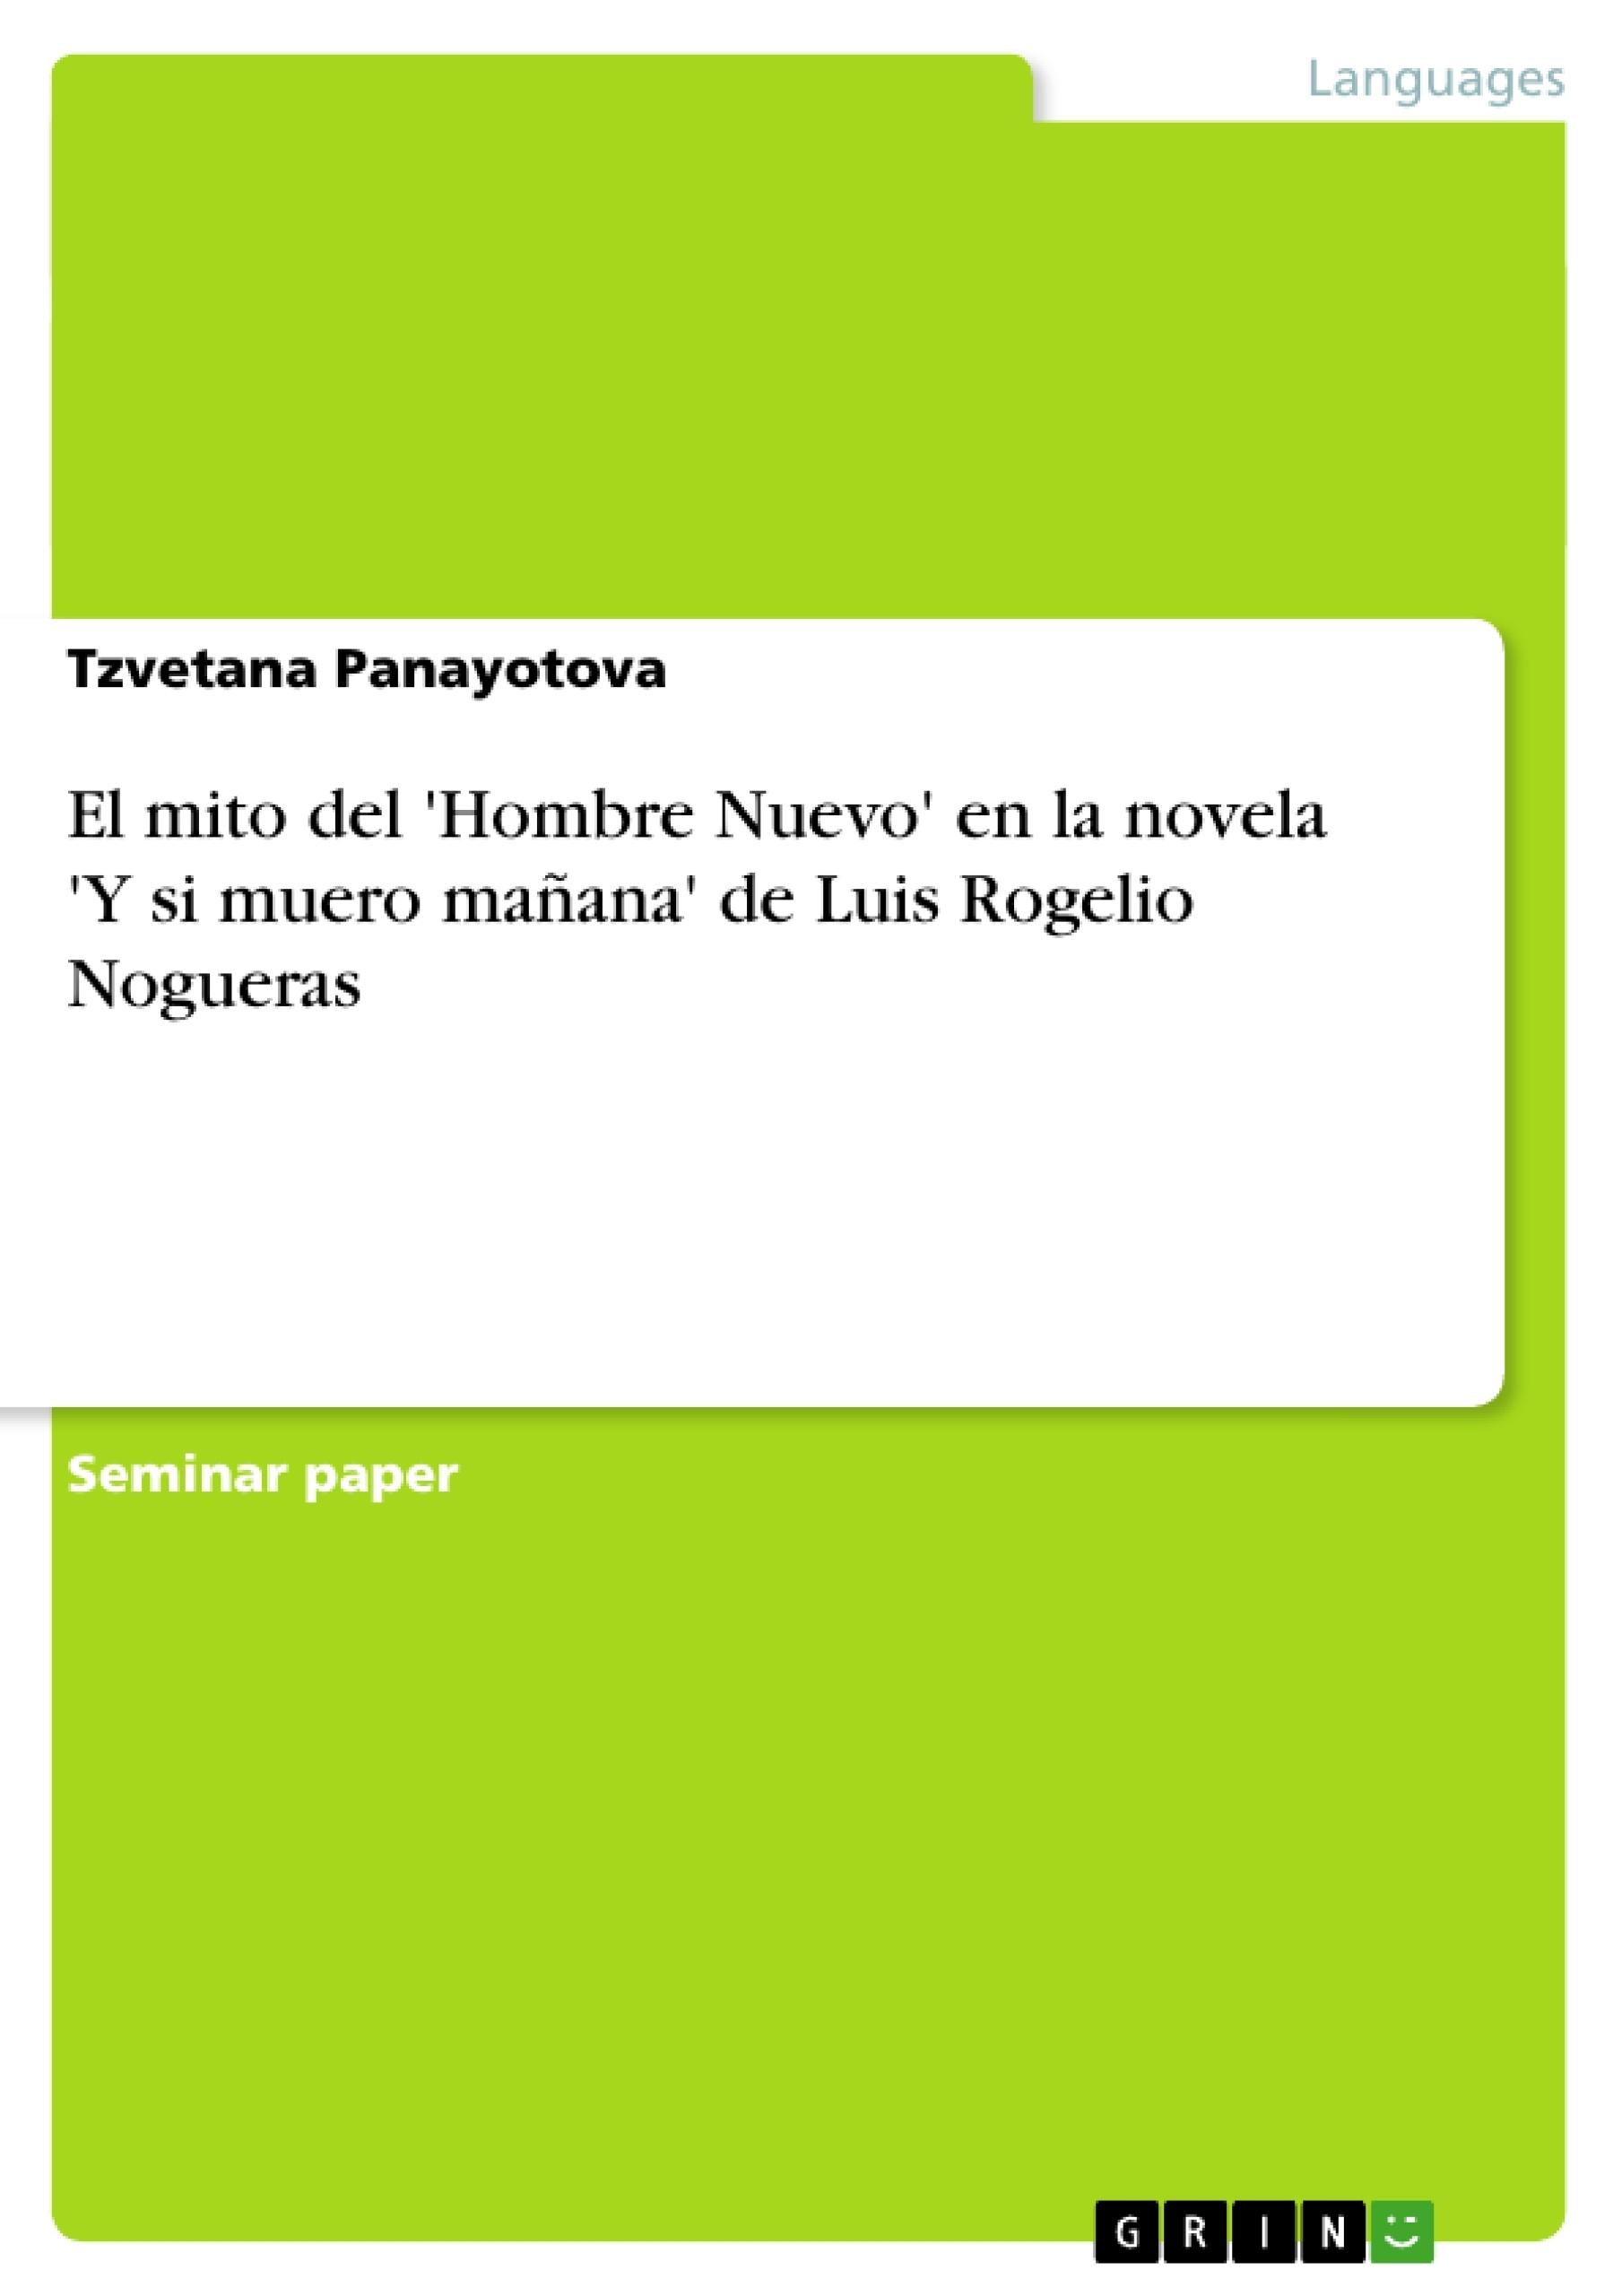 Título: El mito del 'Hombre Nuevo' en la novela 'Y si muero mañana' de Luis Rogelio Nogueras